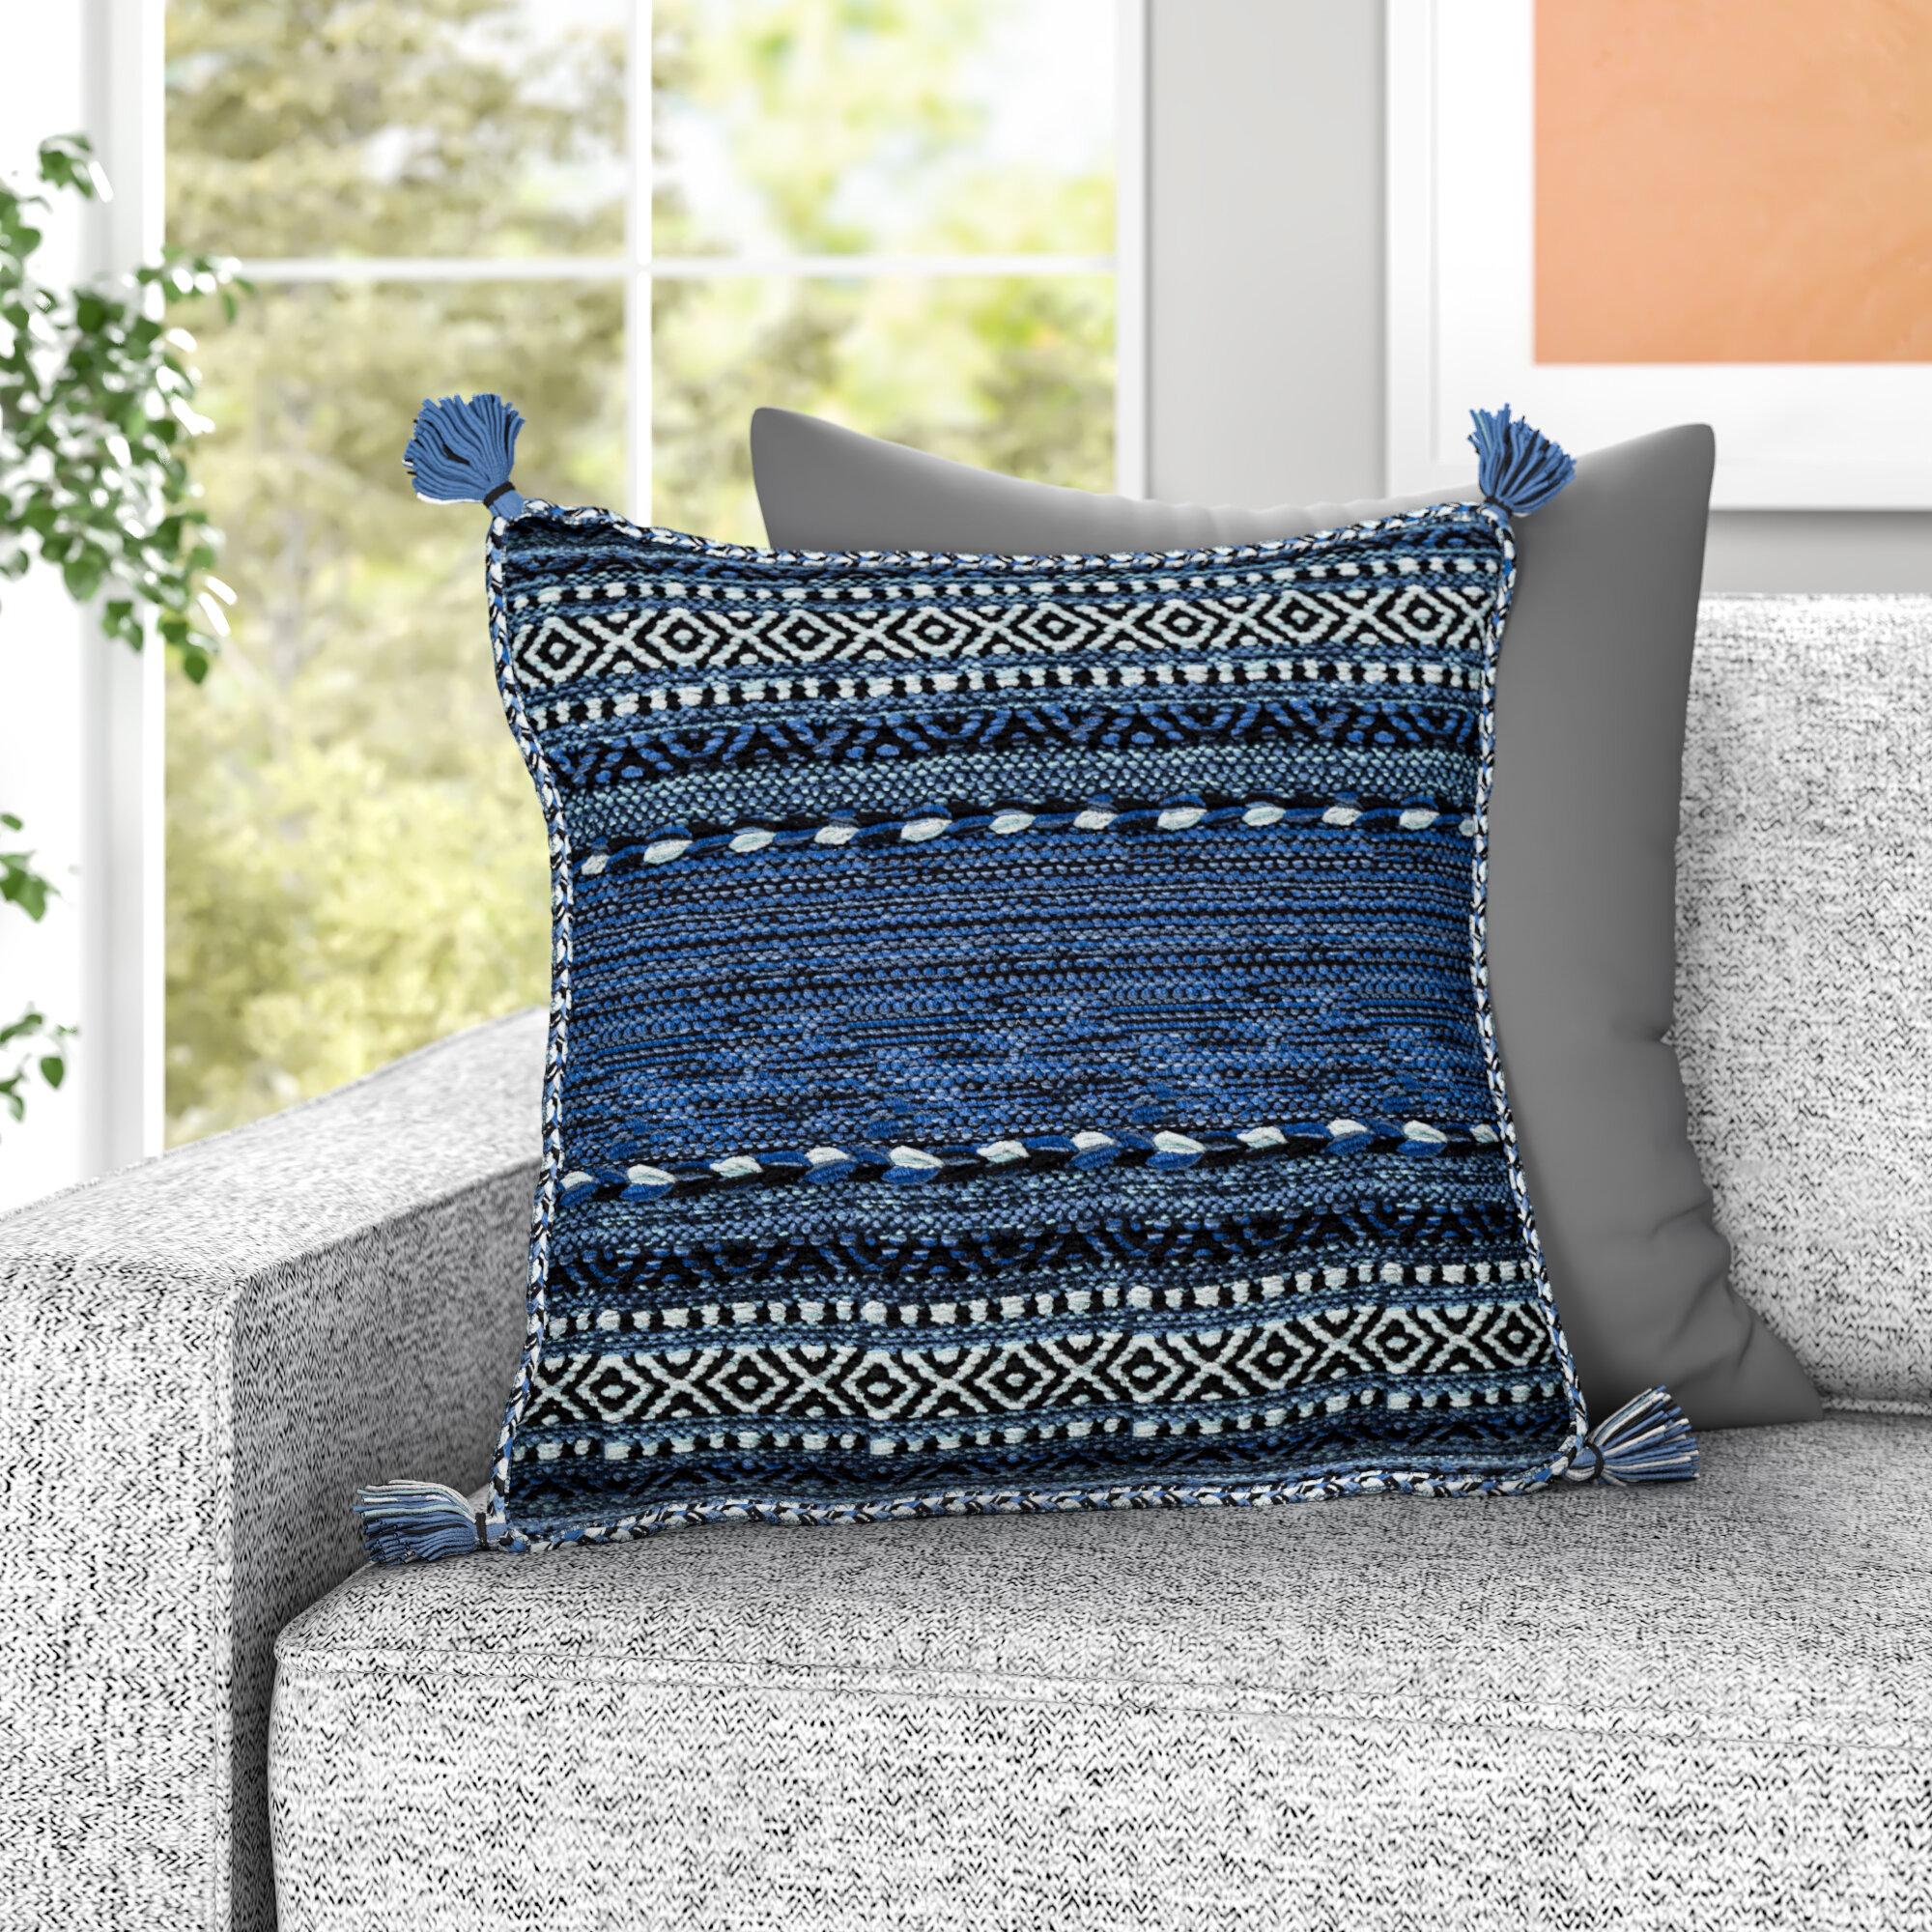 Blue Bohemian Throw Pillows You Ll Love In 2021 Wayfair